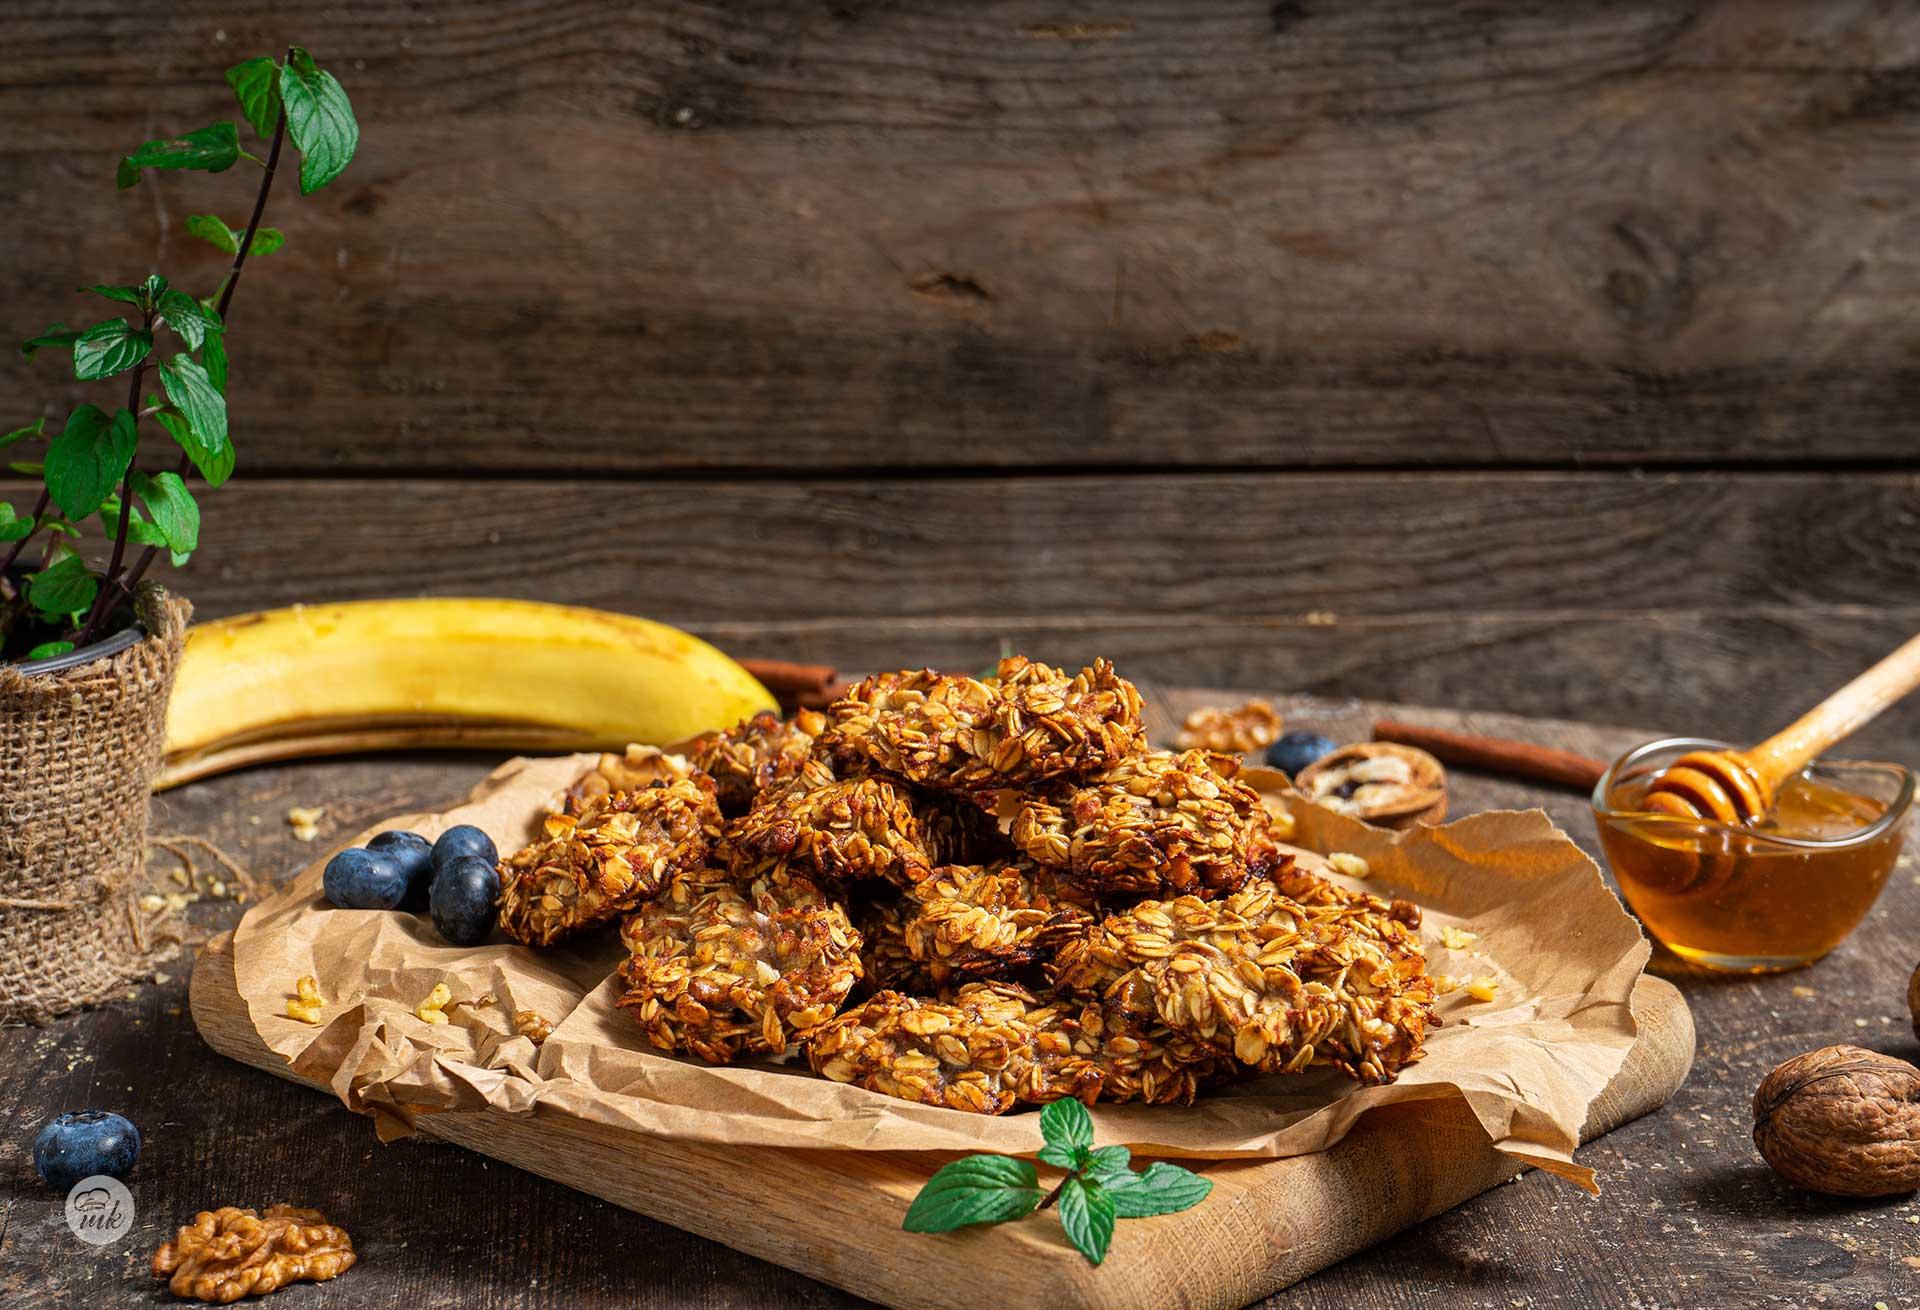 Бананови бисквити, поднесени на дъска с хартия за печене и боровинки, снимани отстрани